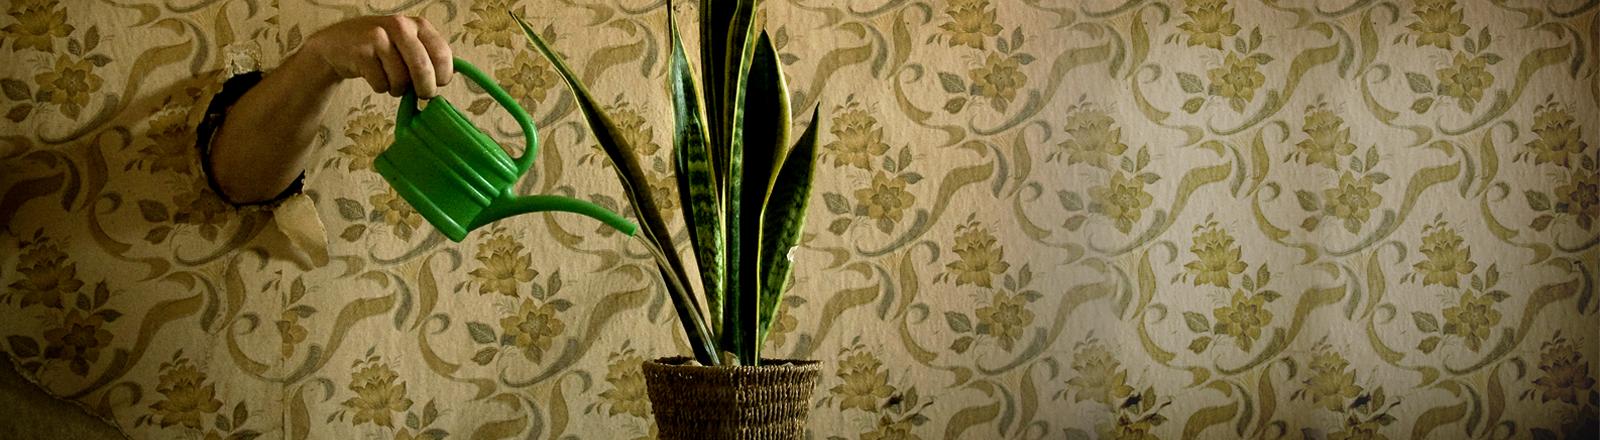 Aus einer Wand kommt eine Hand, die eine Gießkanne hält und eine Pflanze gießt